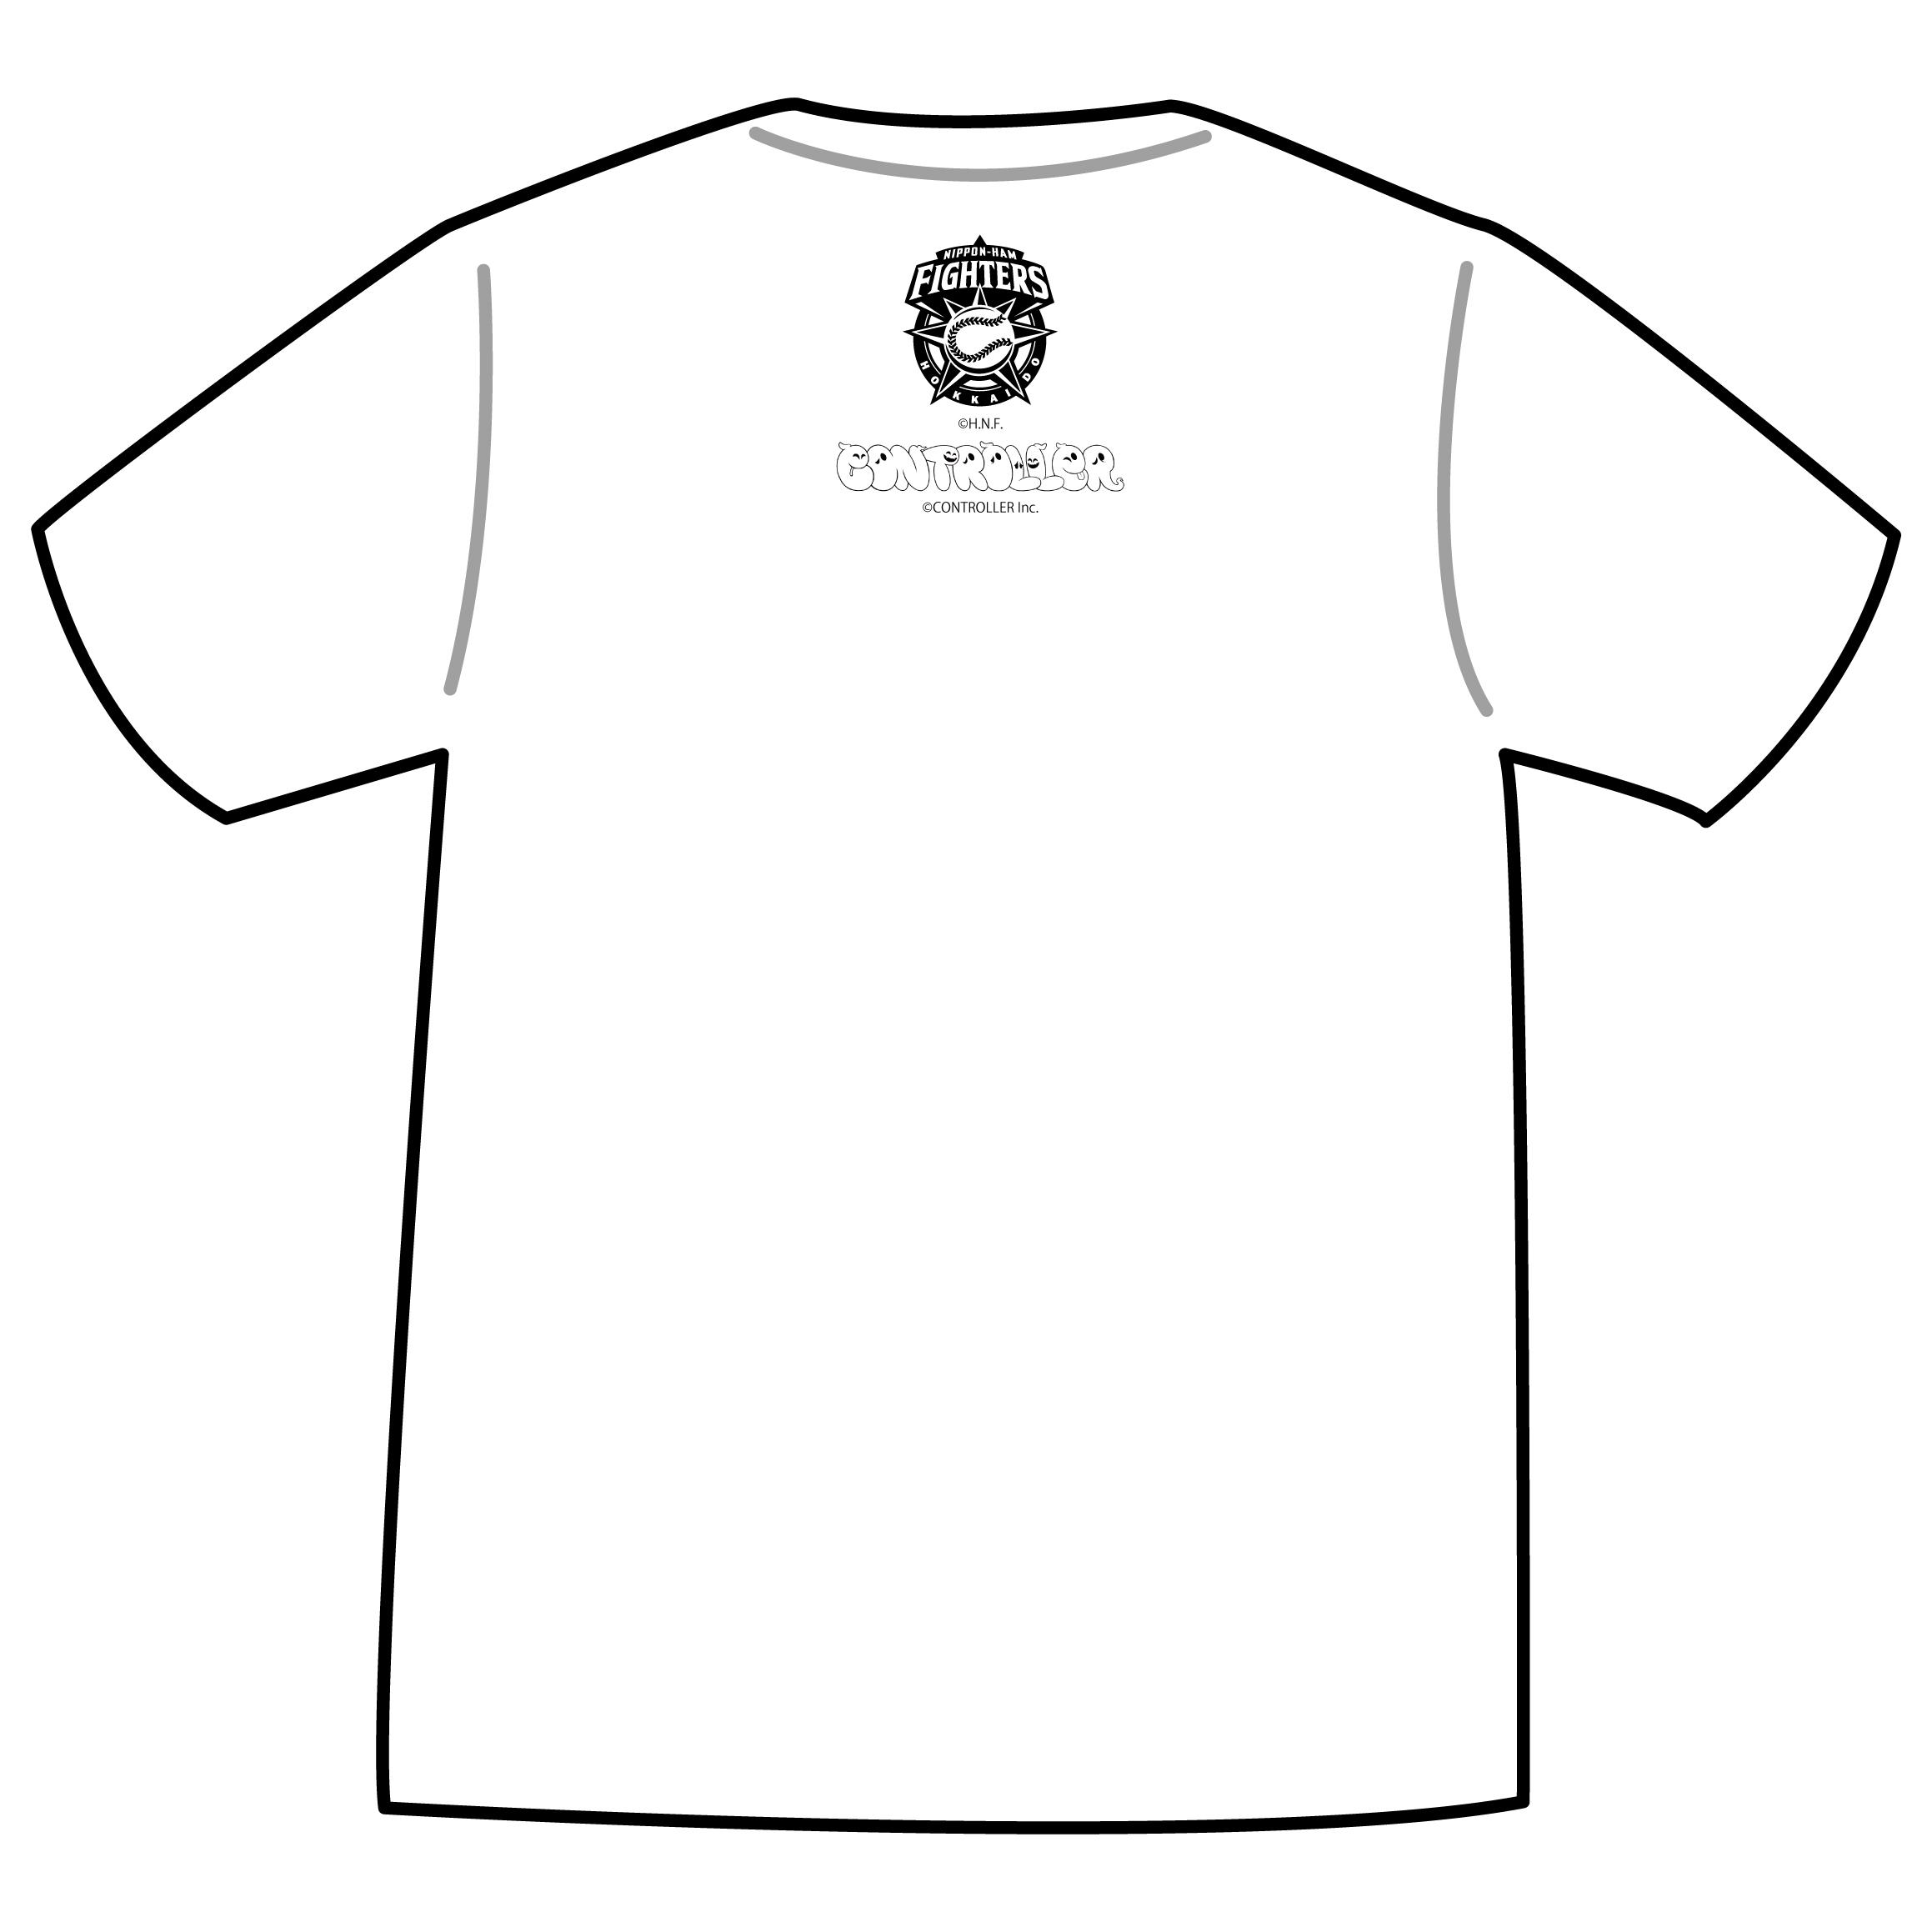 ドットファイターズ「すぎや」 Tシャツ ホワイト